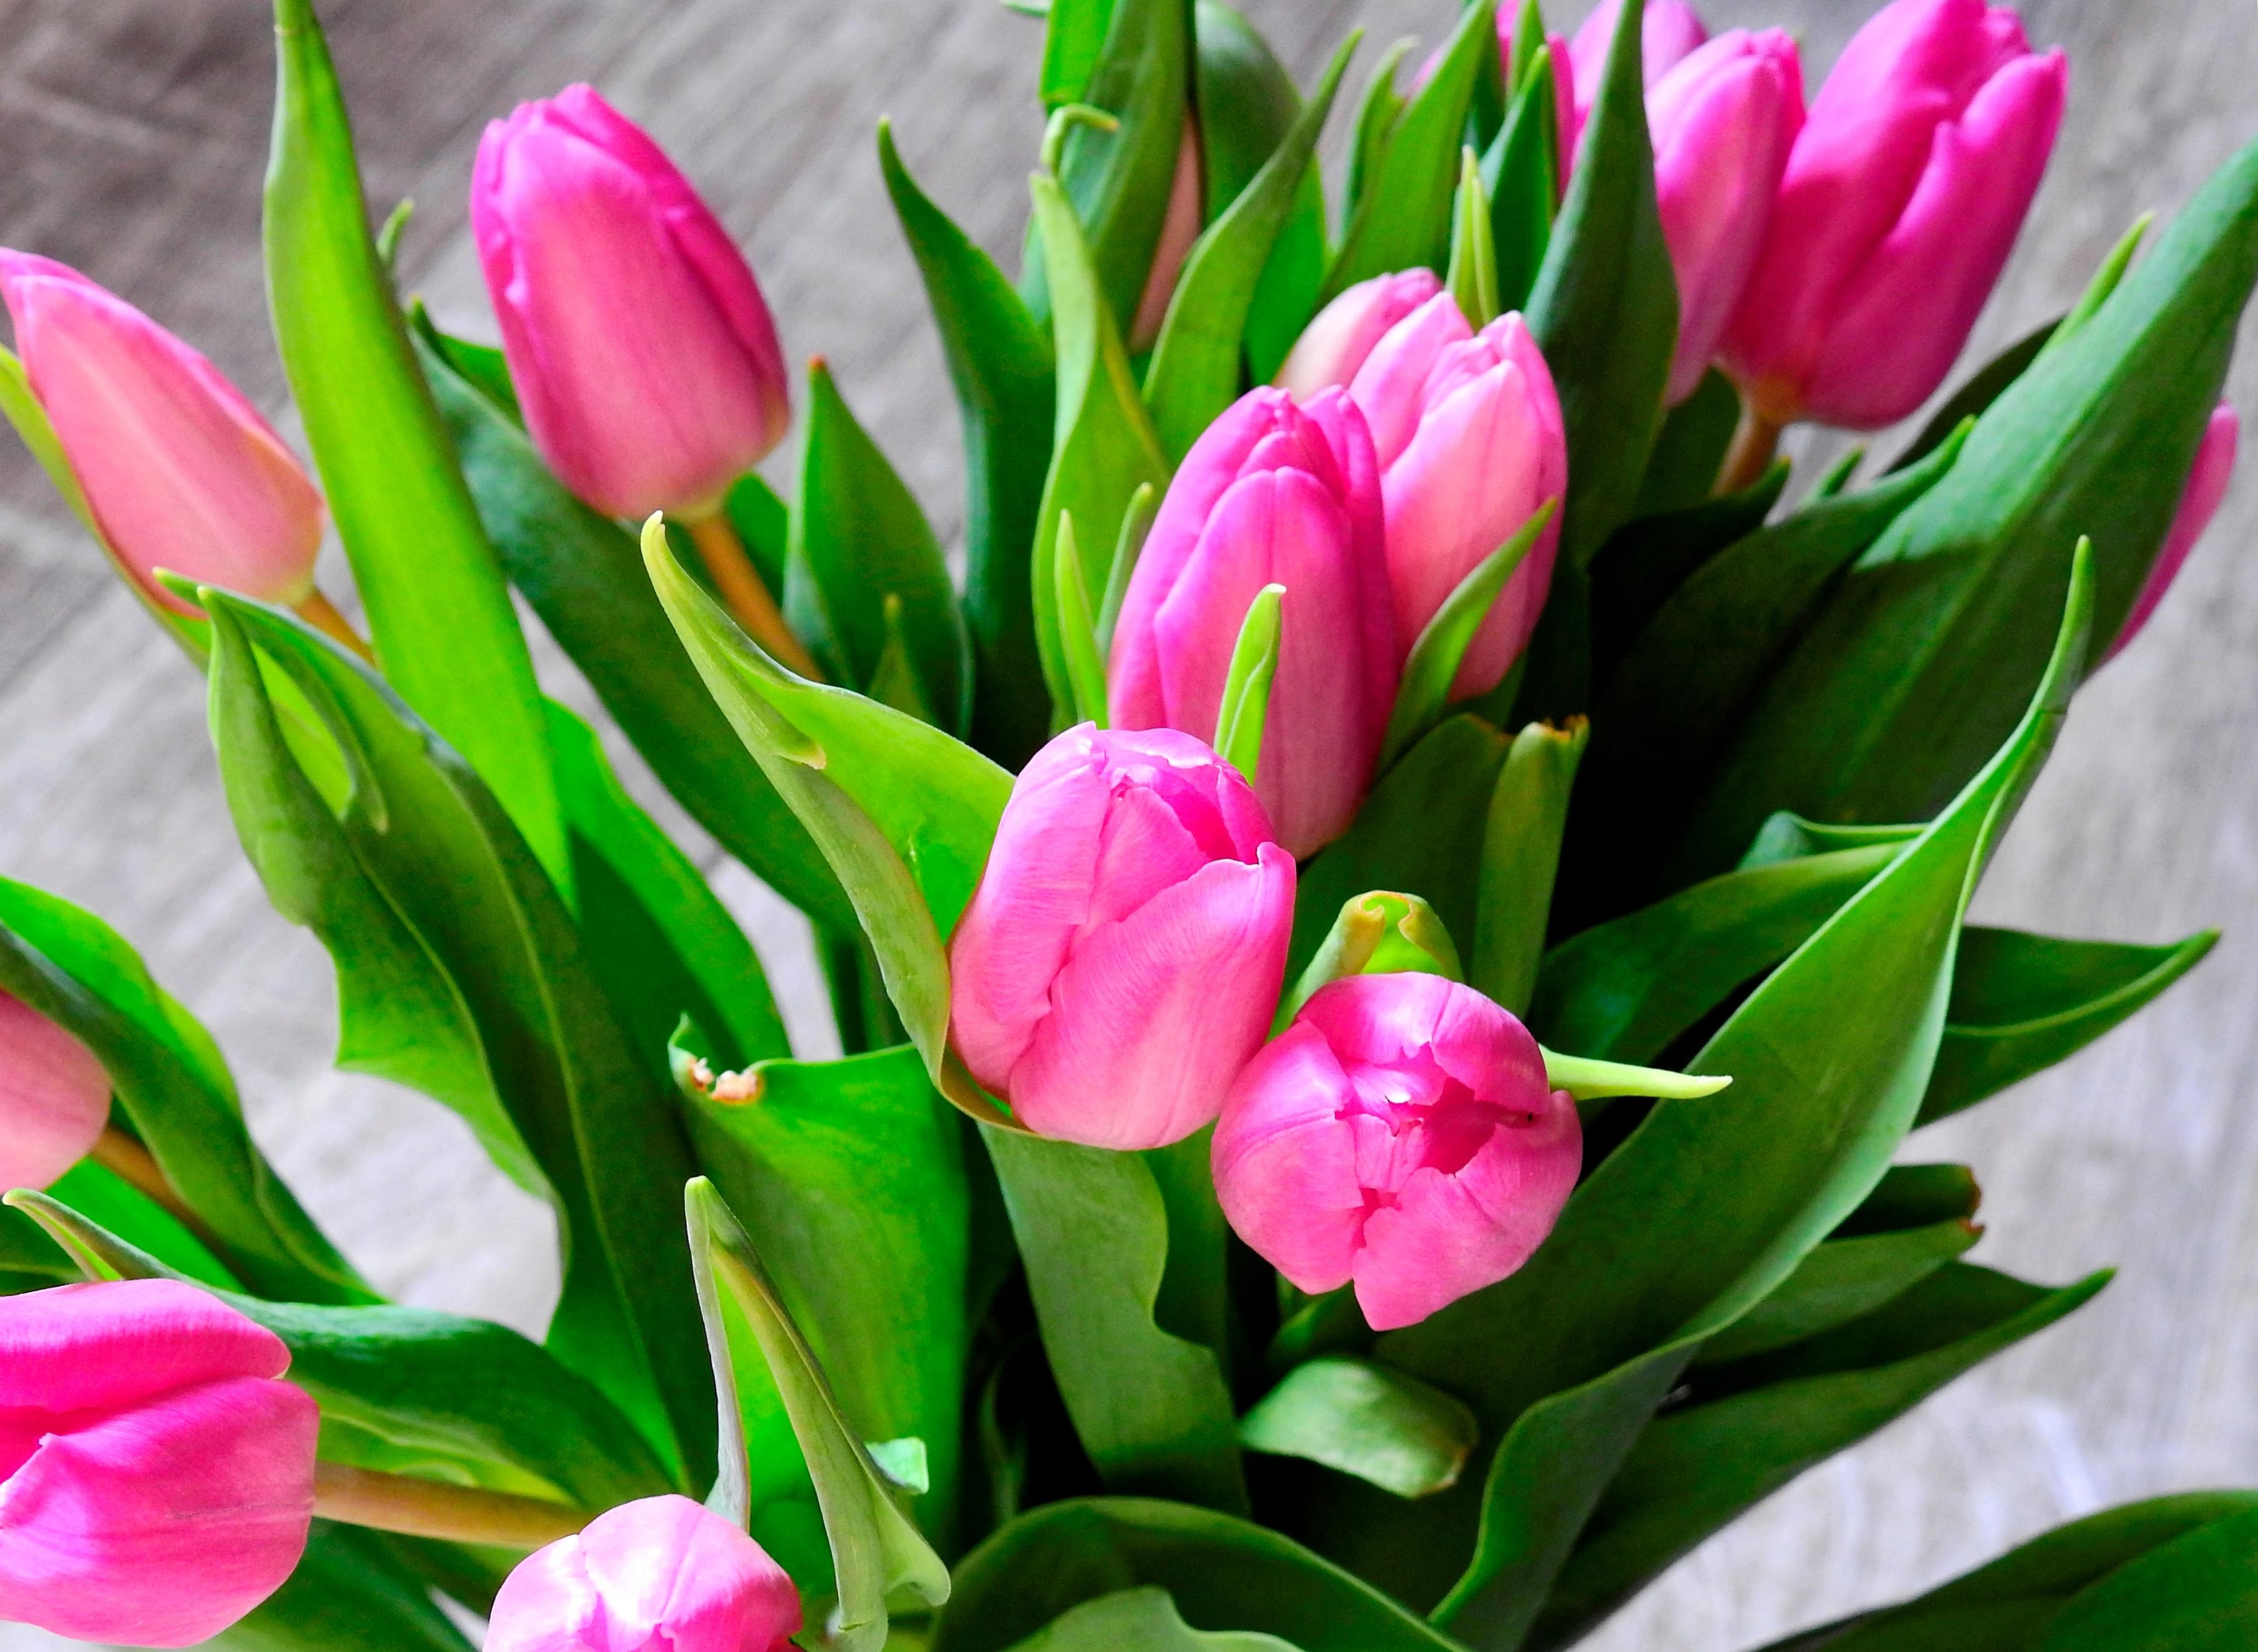 tulip-photo-16